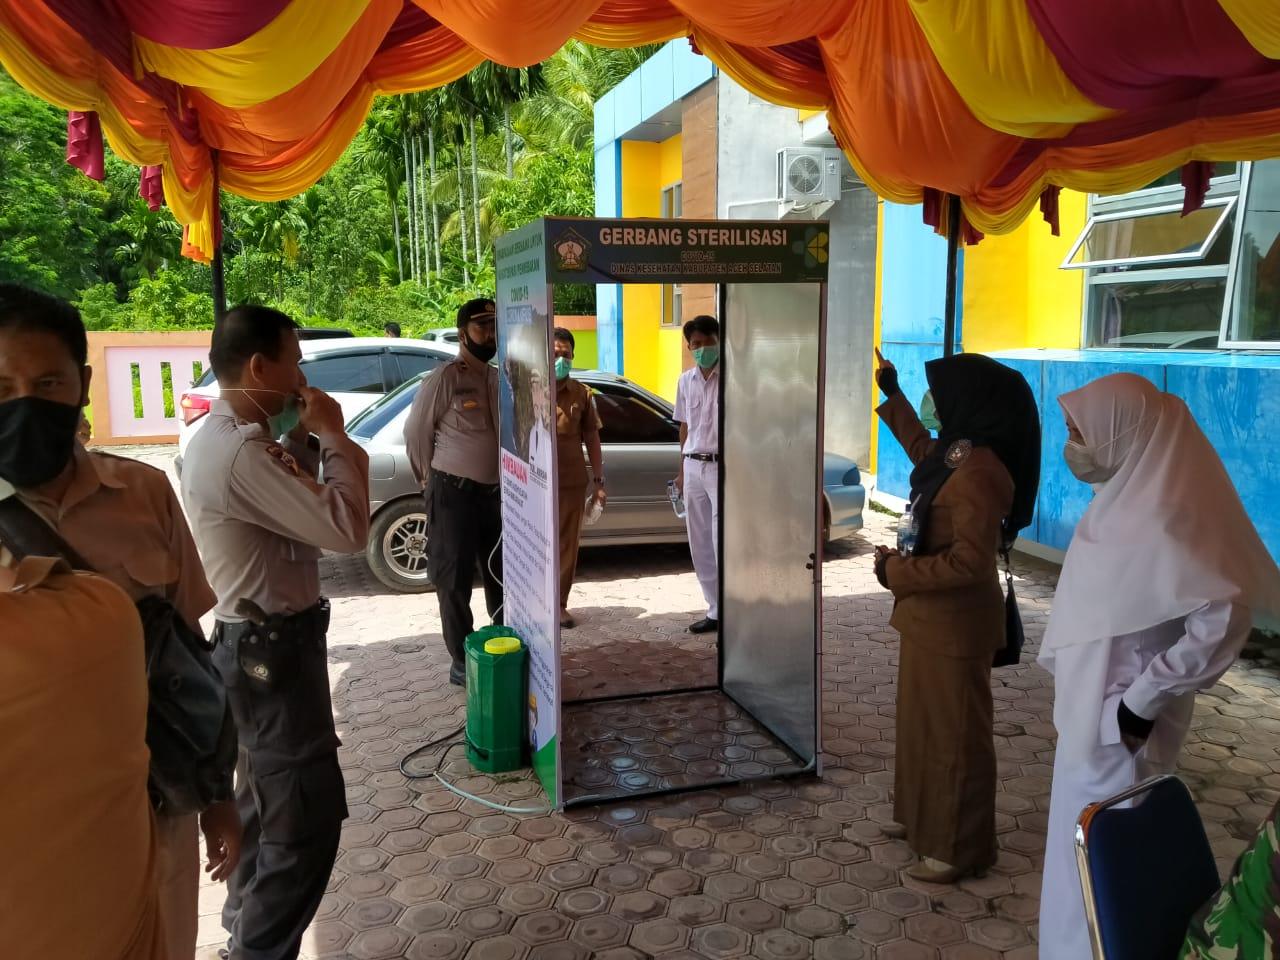 Pemasangan gerbang sterilisasi pada salah satu Puskesmas di Aceh Selatan (doc. Yasar)